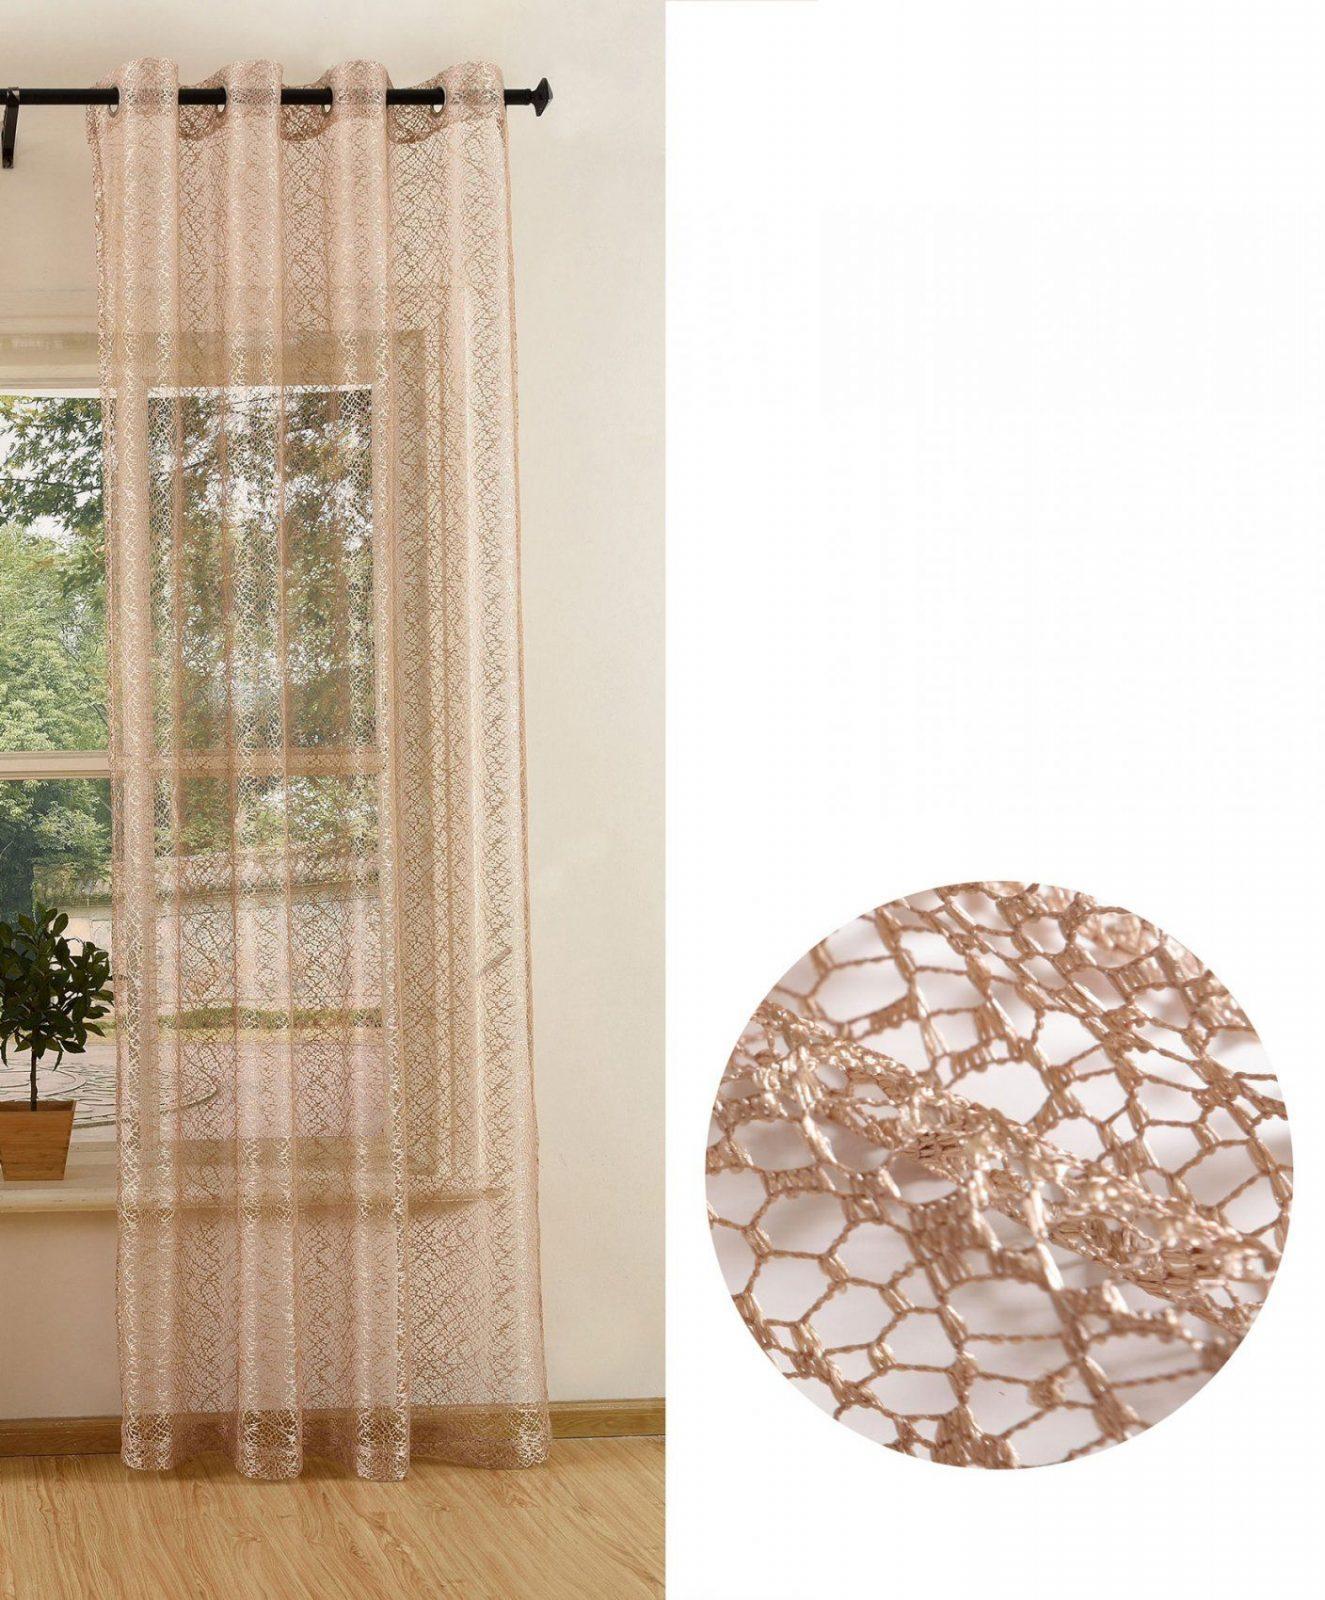 Gardine Netzvorhang Mit Ösen Einfarbig Transparent Bügelband Länge von Gardinen Kürzen Mit Bügelband Bild